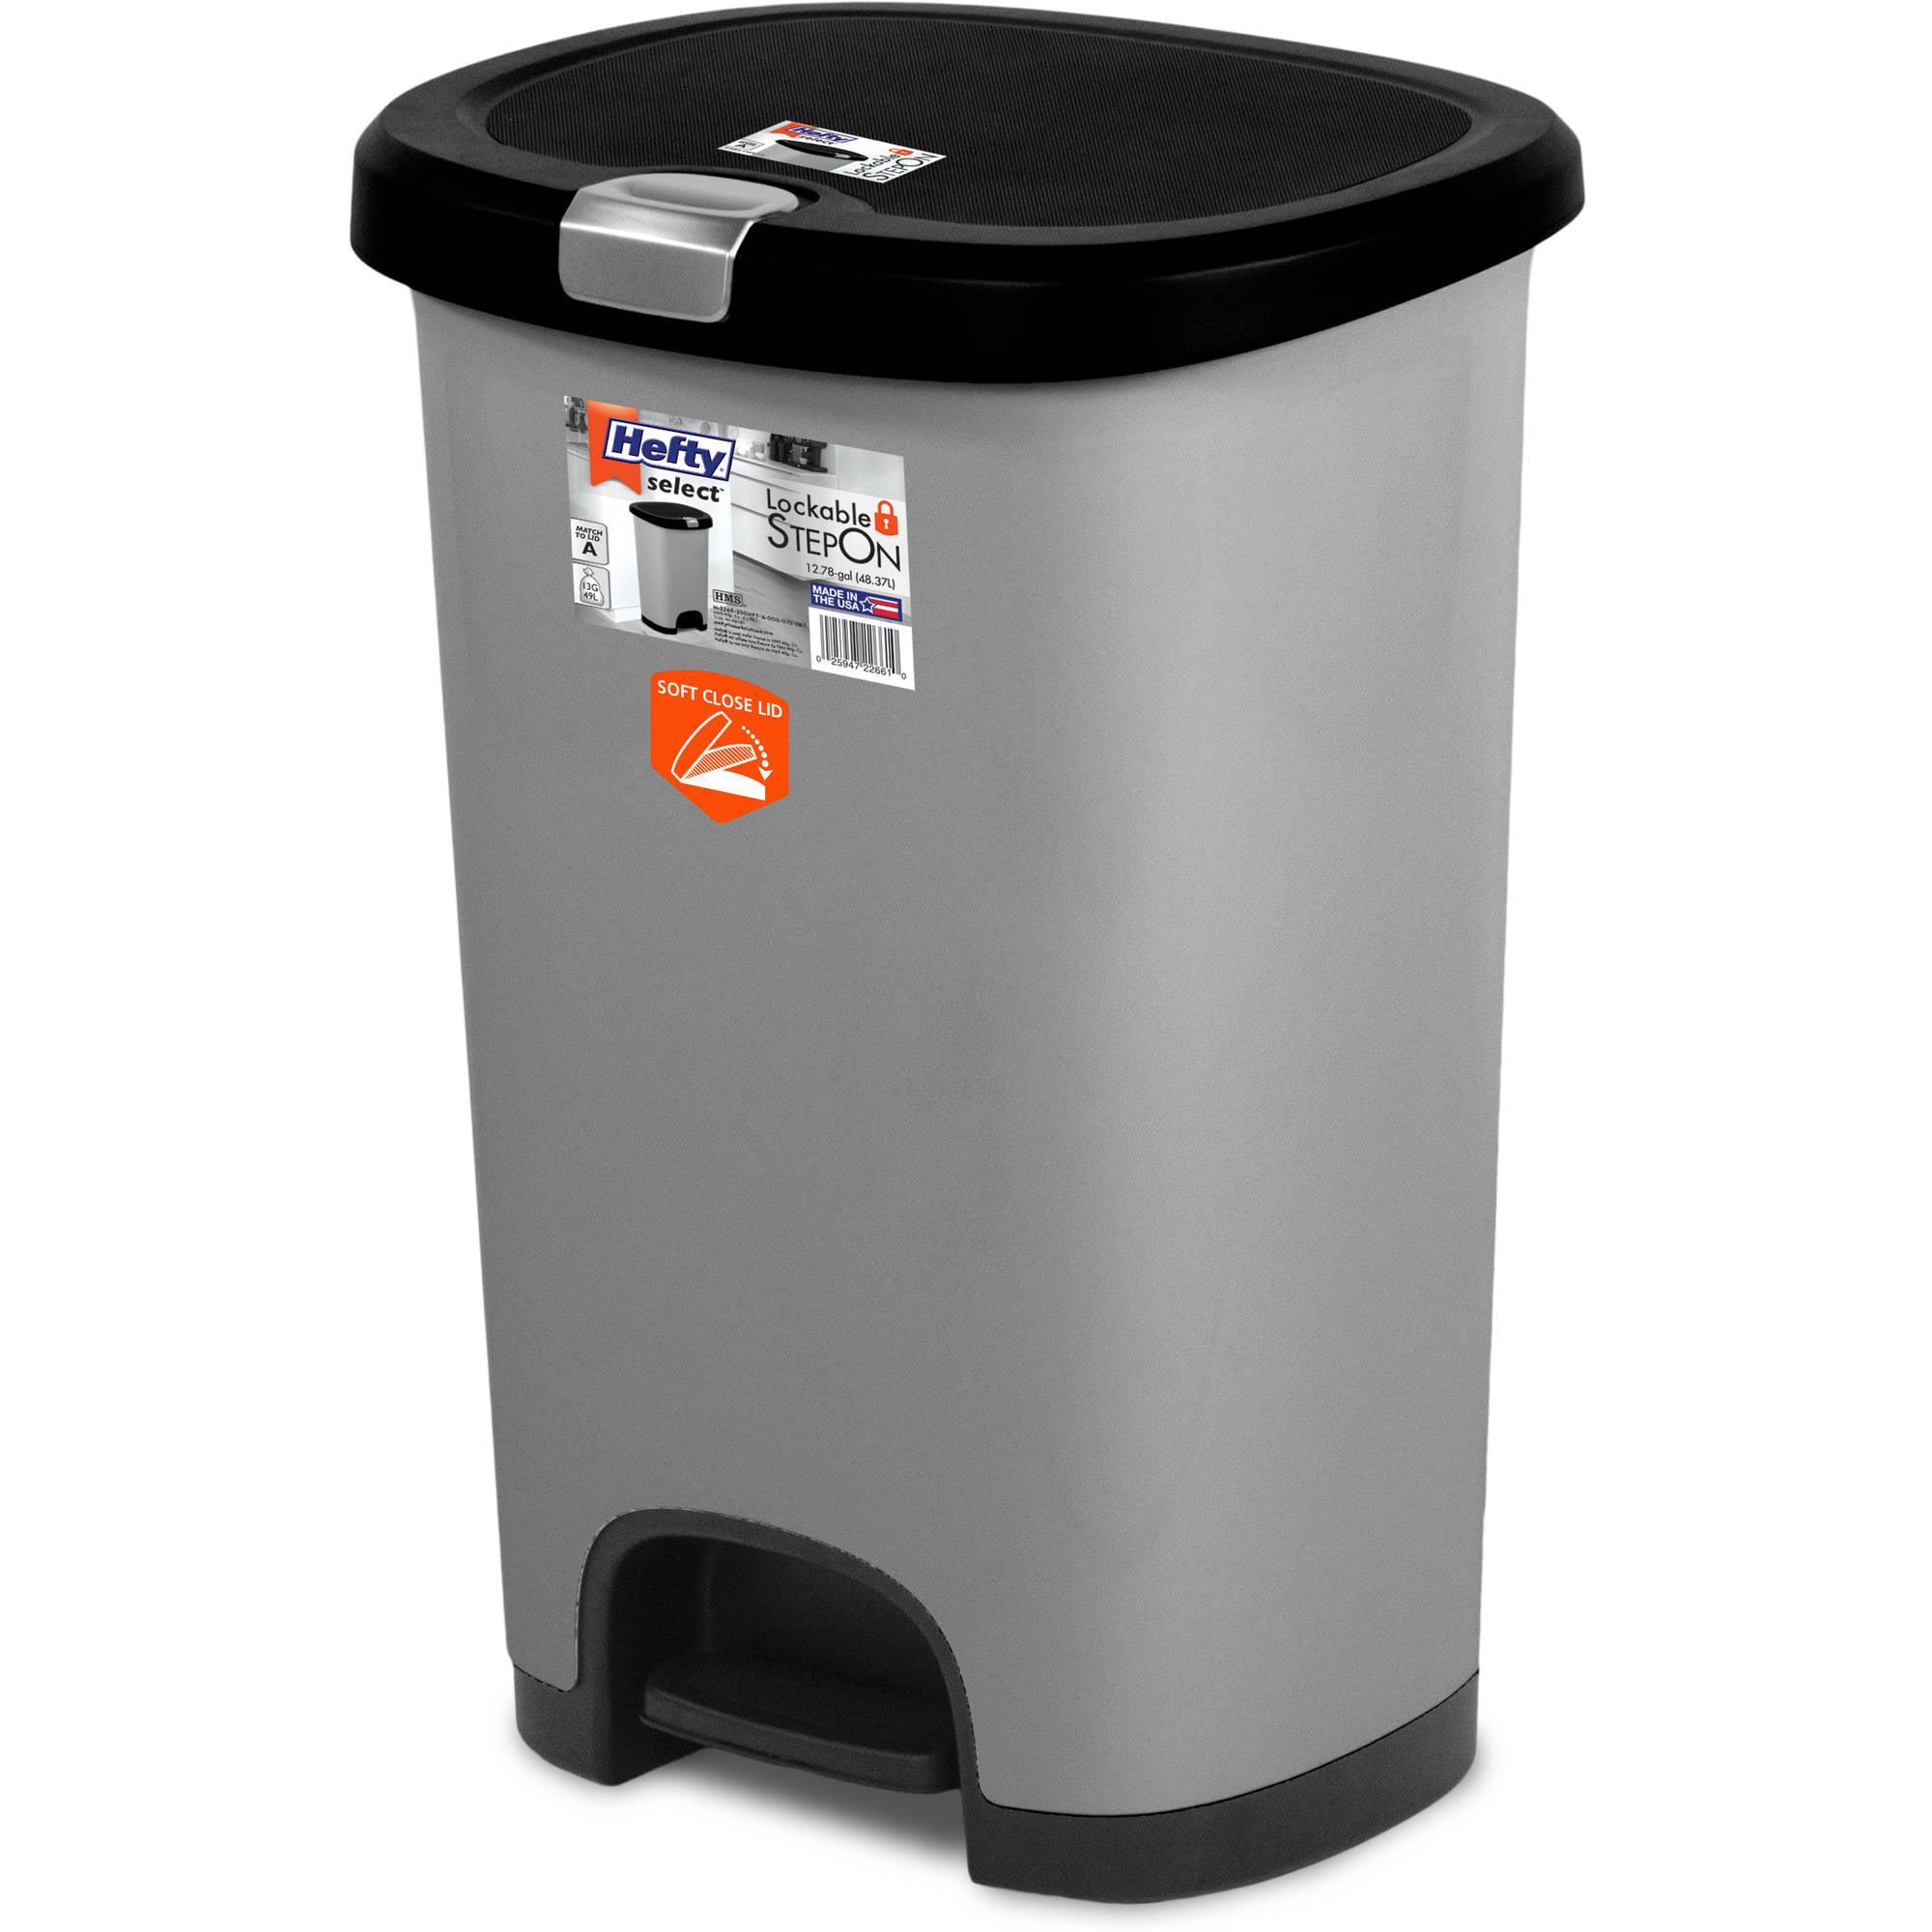 step on trash can kid safe lockable soft close lid 711668564680 ebay. Black Bedroom Furniture Sets. Home Design Ideas